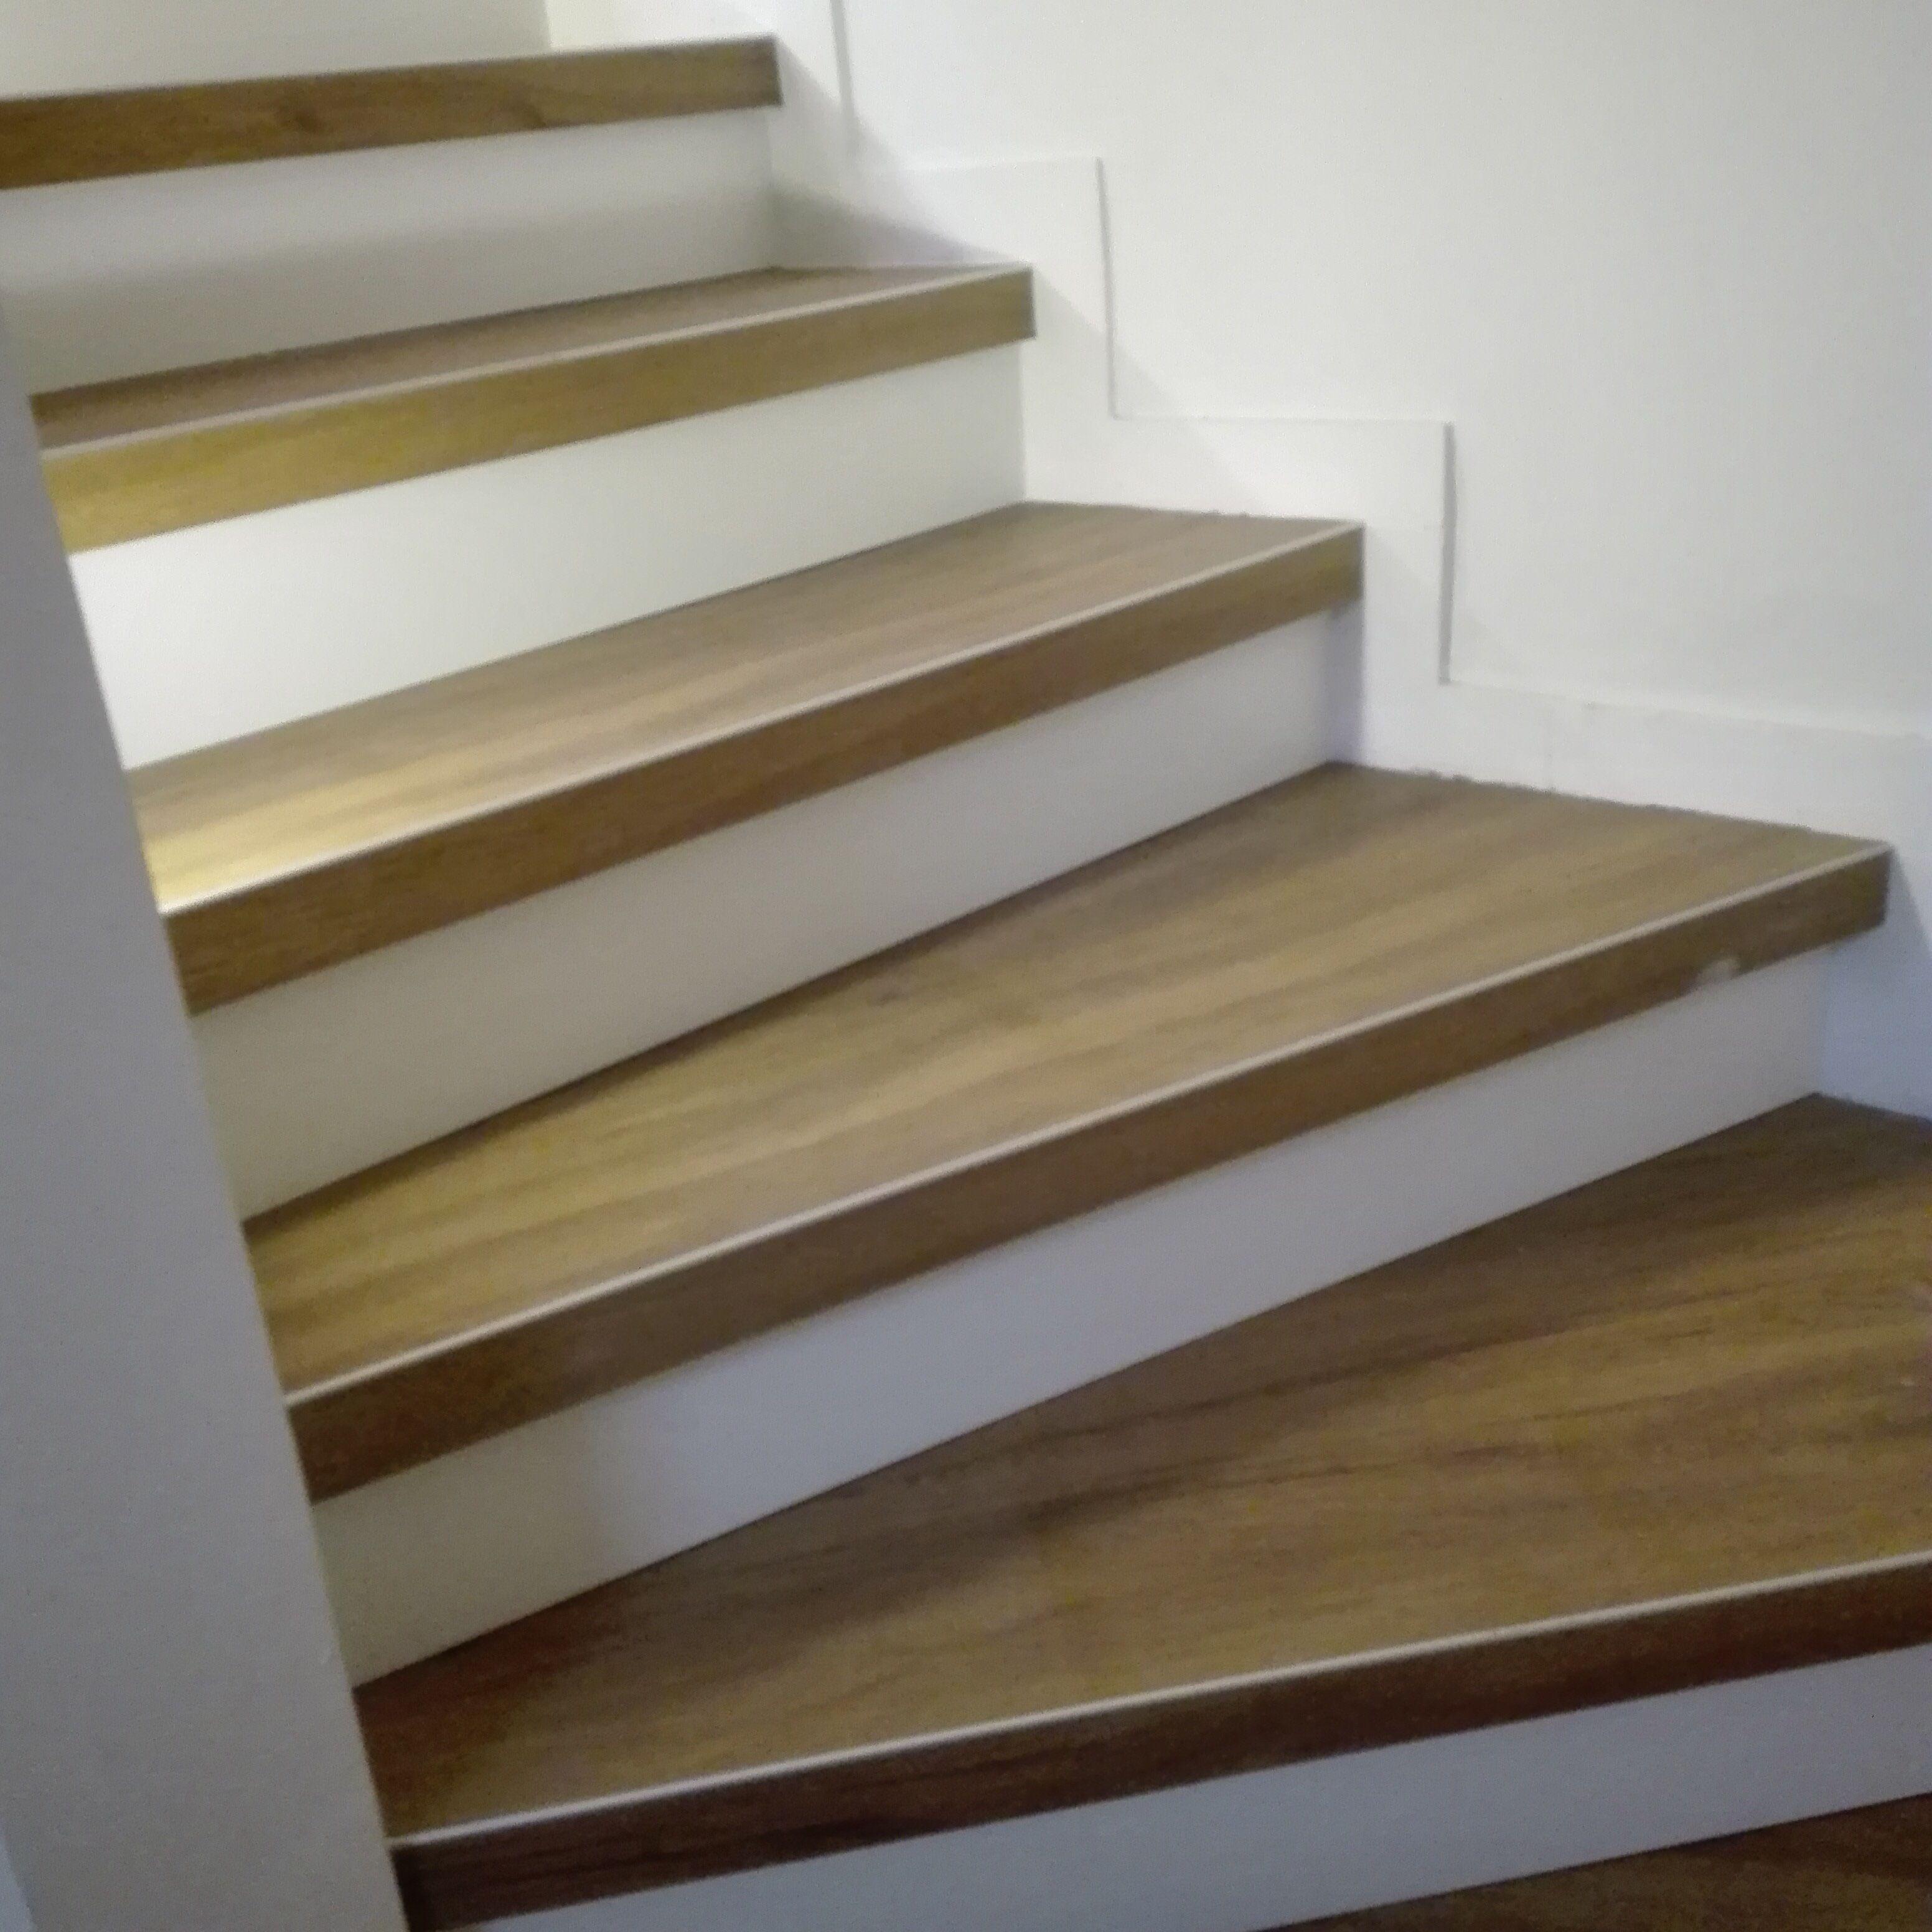 Le Treppenaufgang sanierung einem treppenhaus wie aus einem 60er jahre flur mit